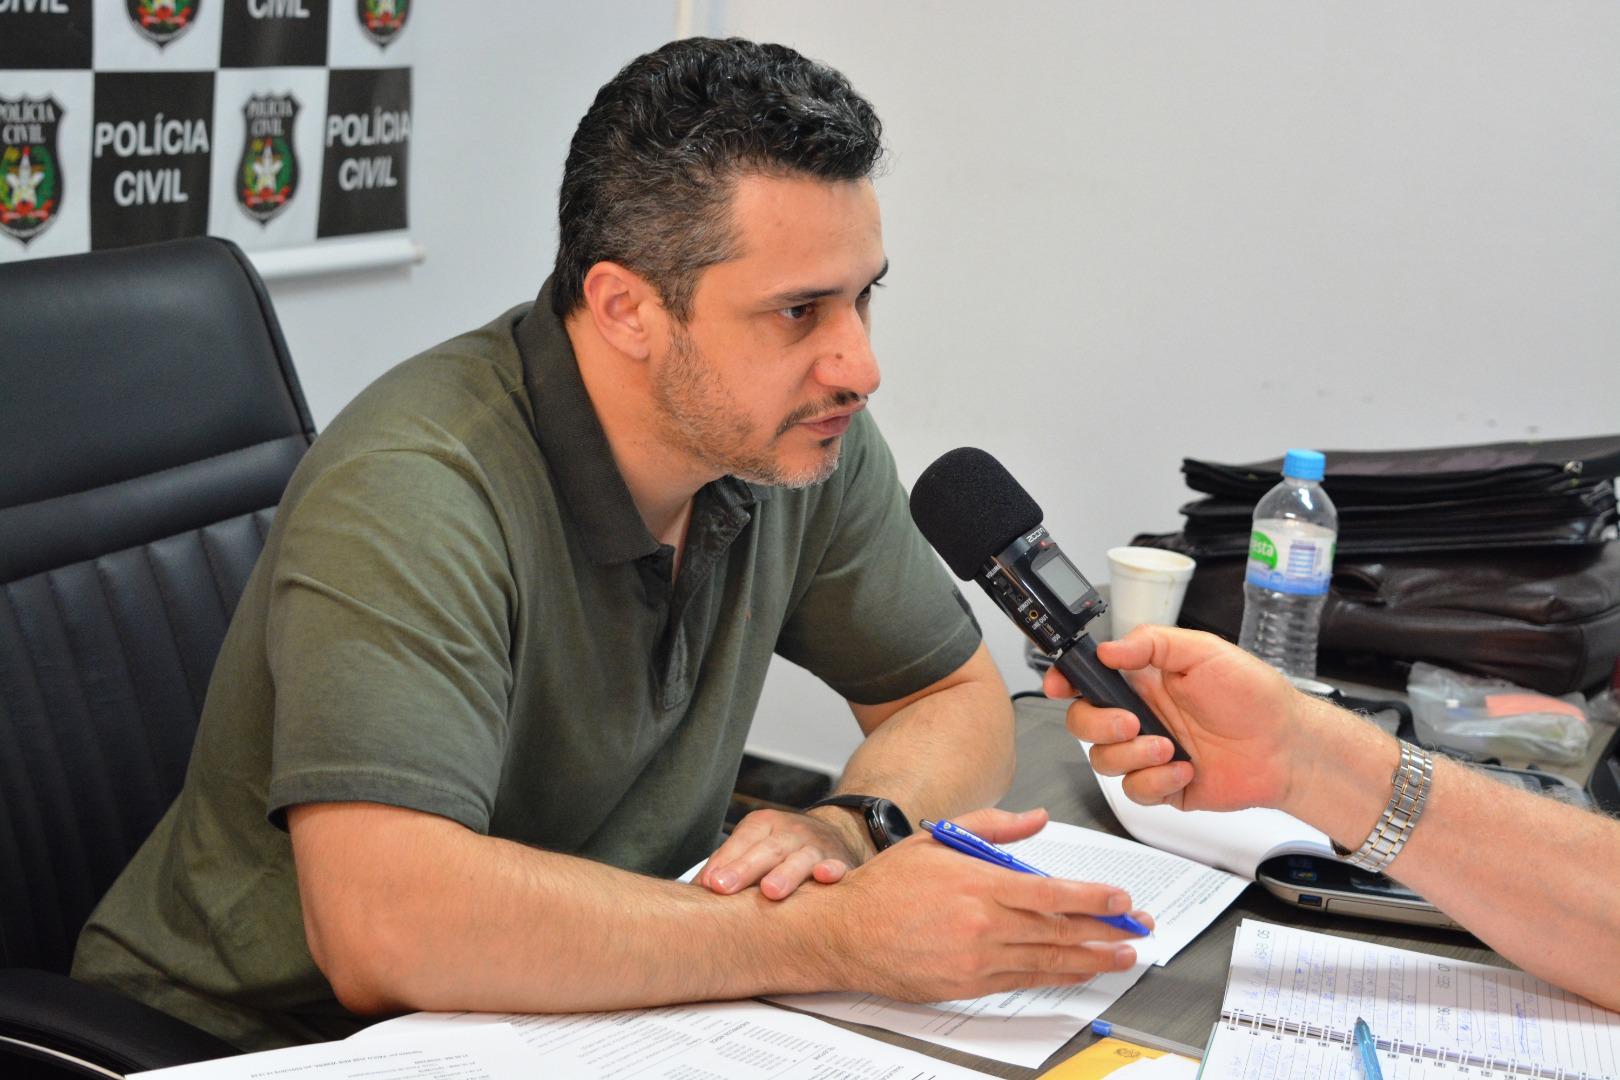 Delegado fala sobre as investigações dos crimes ocorridos no município